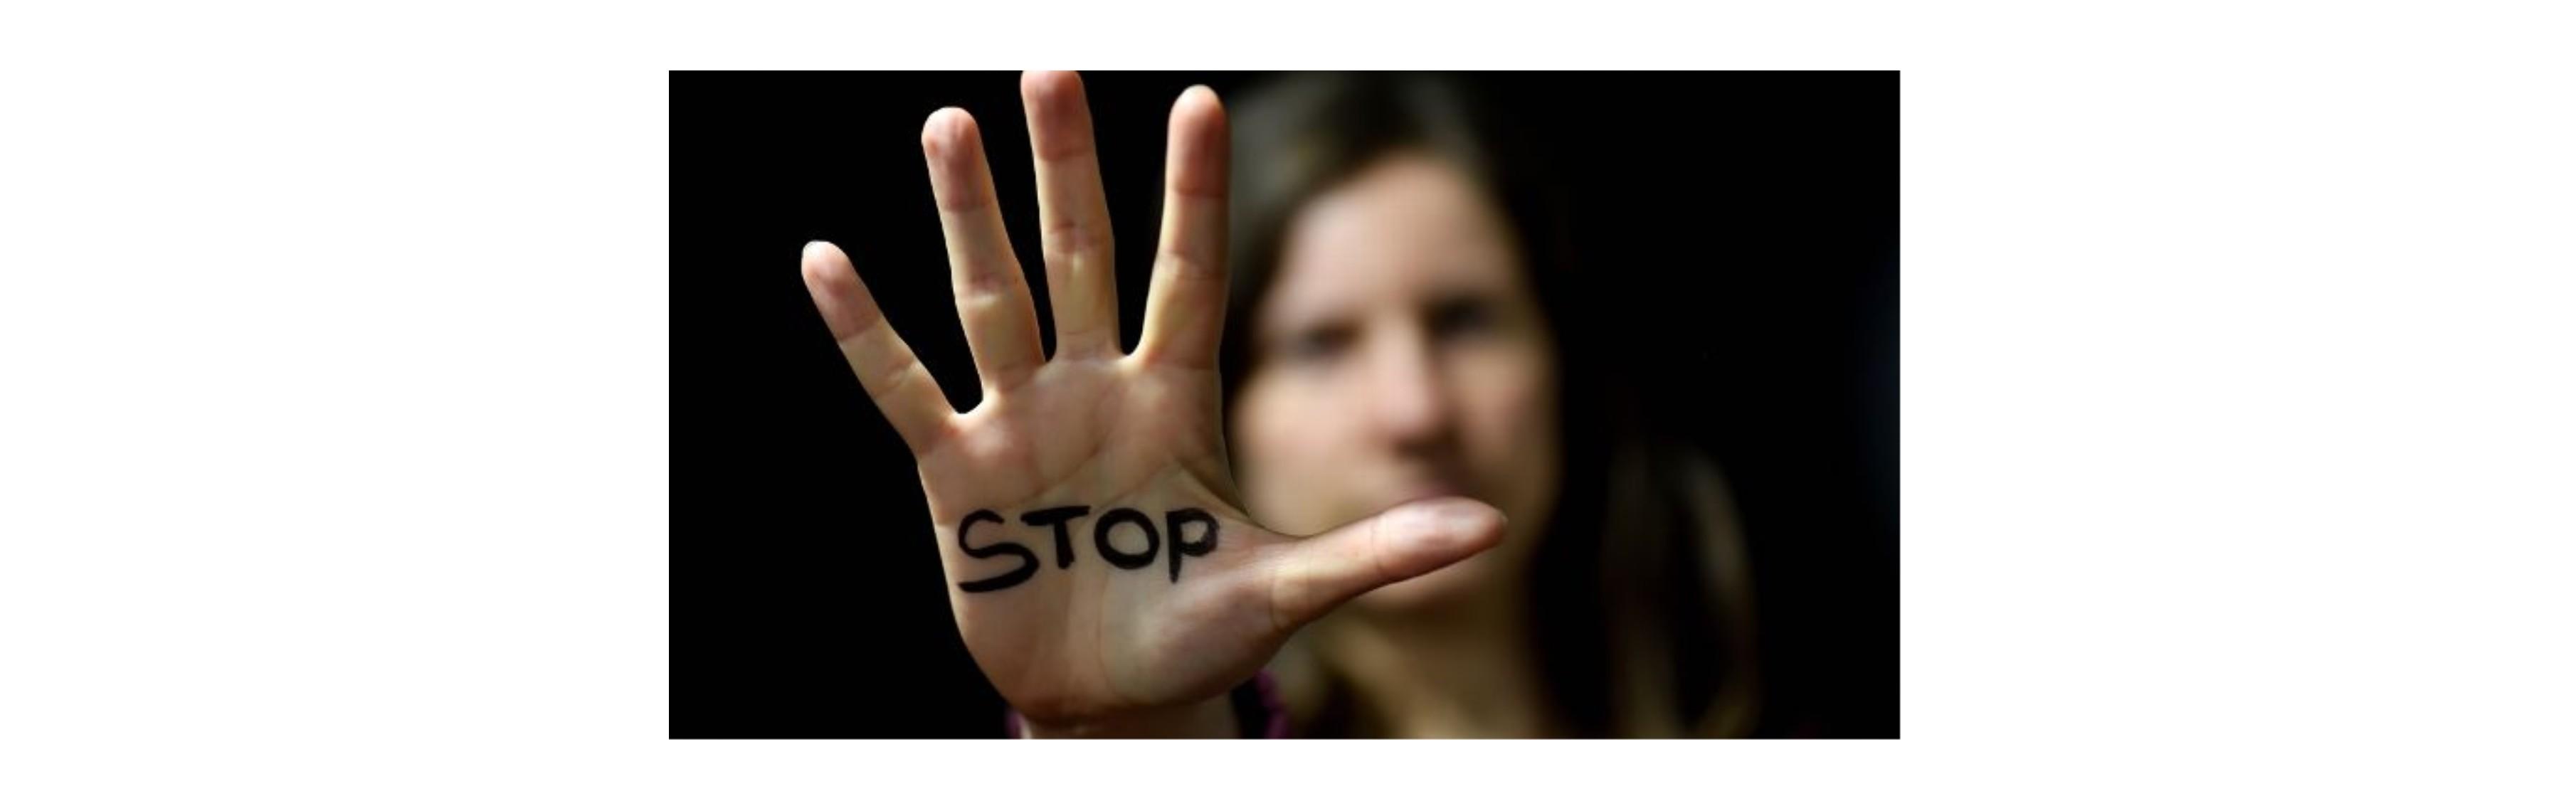 Violences conjugales : les recommandations de la HAS